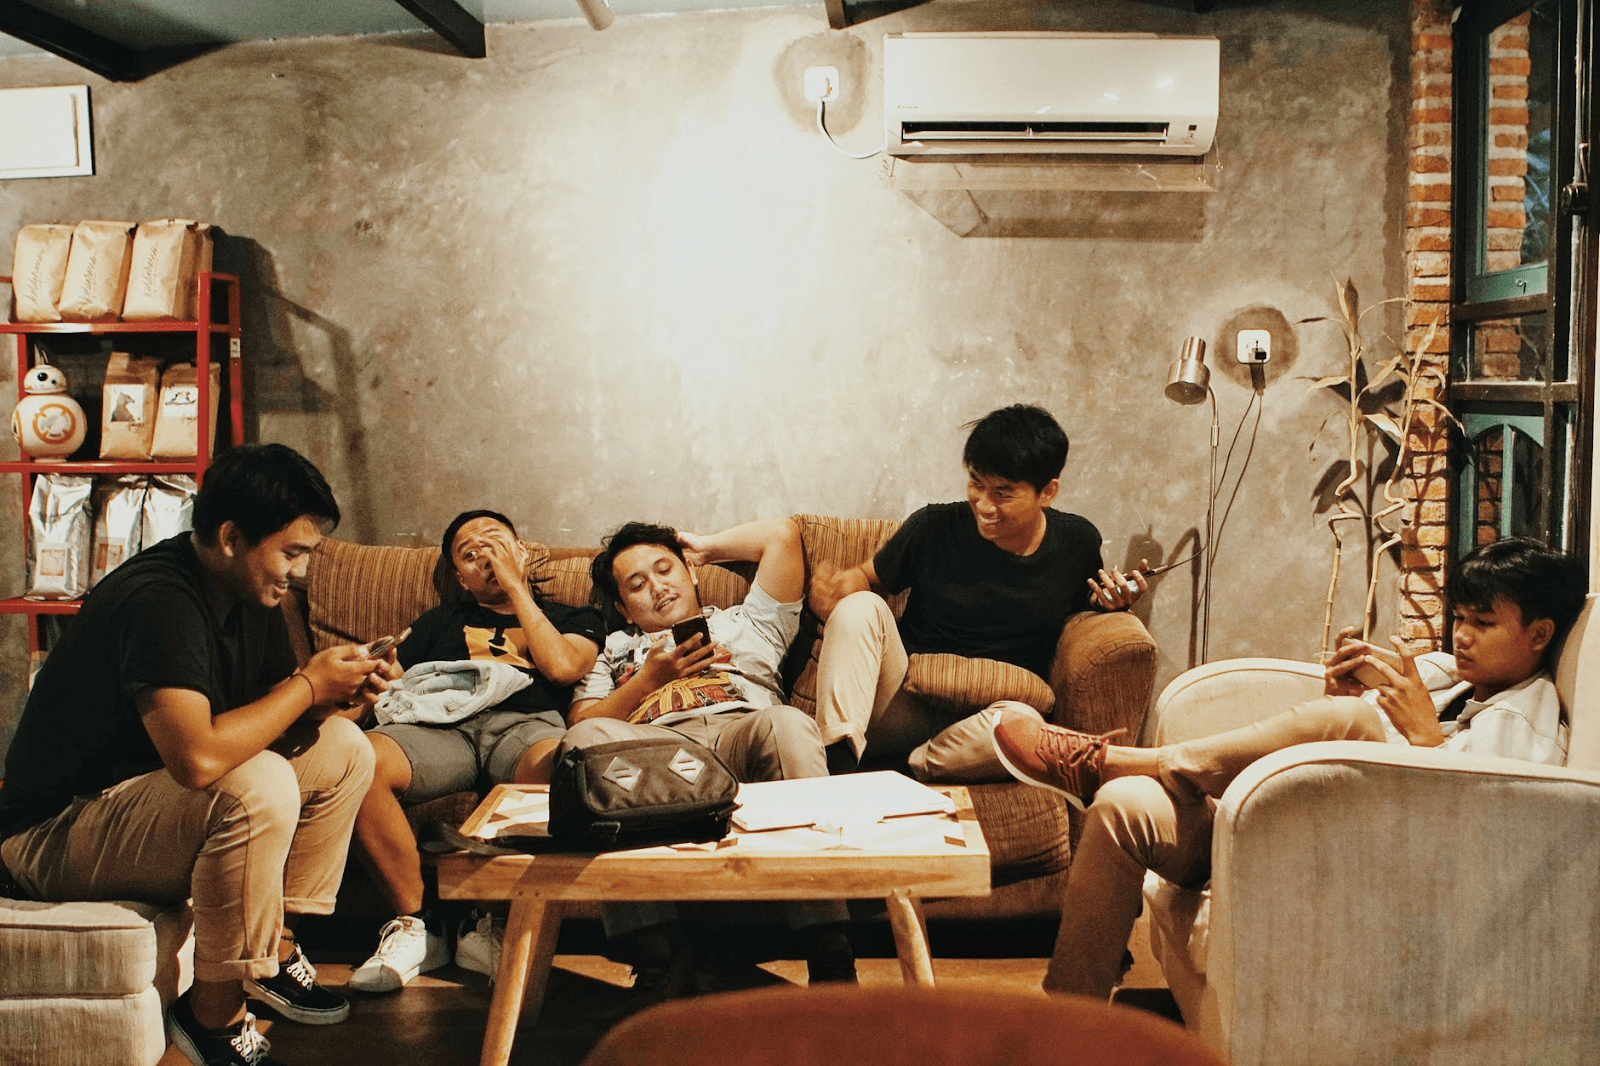 consumidor-digital-grupo-de-jovens-no-celular